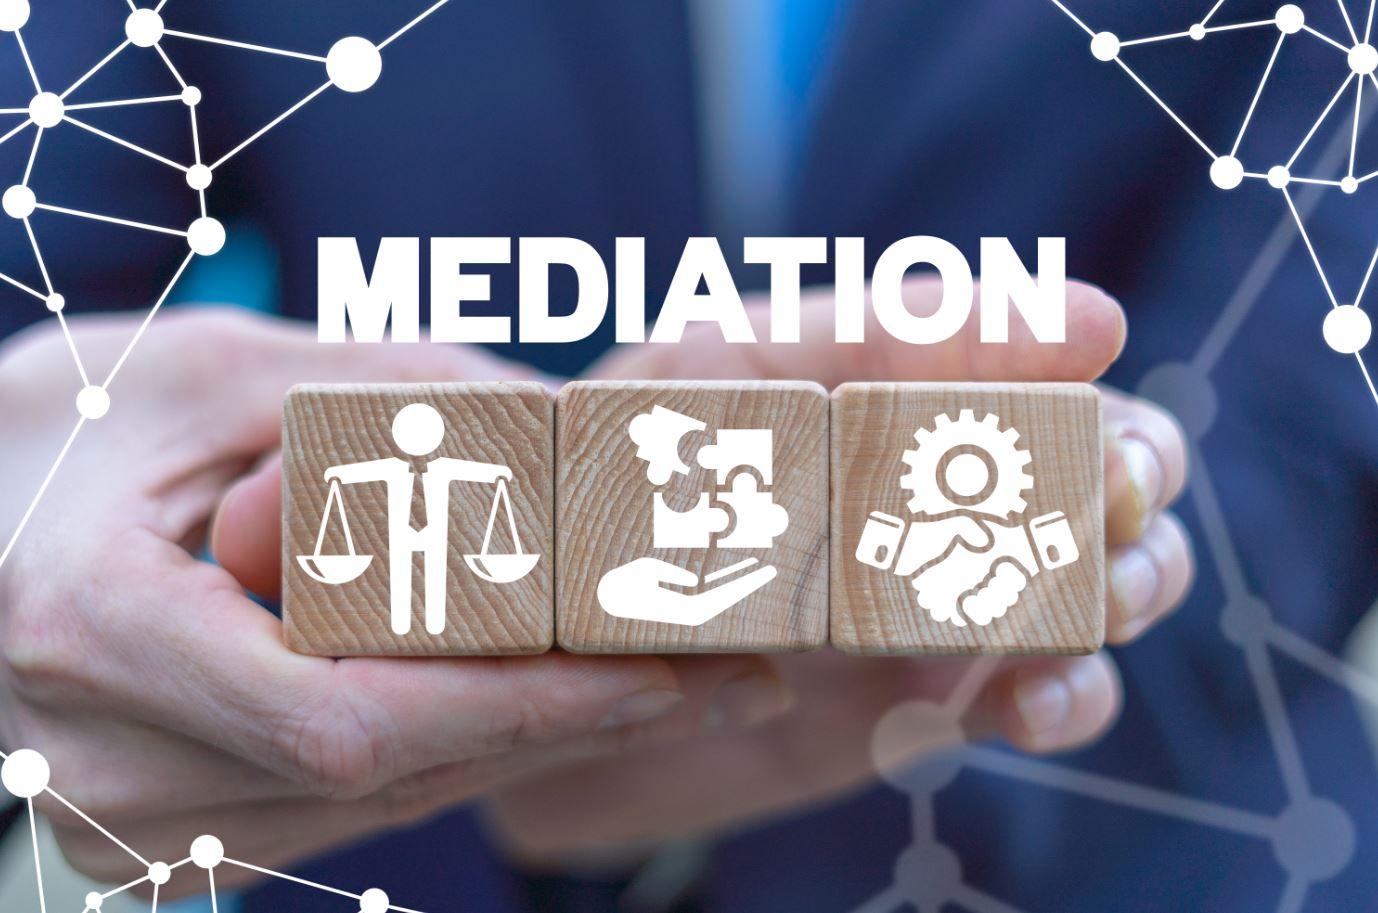 Image of mediation.